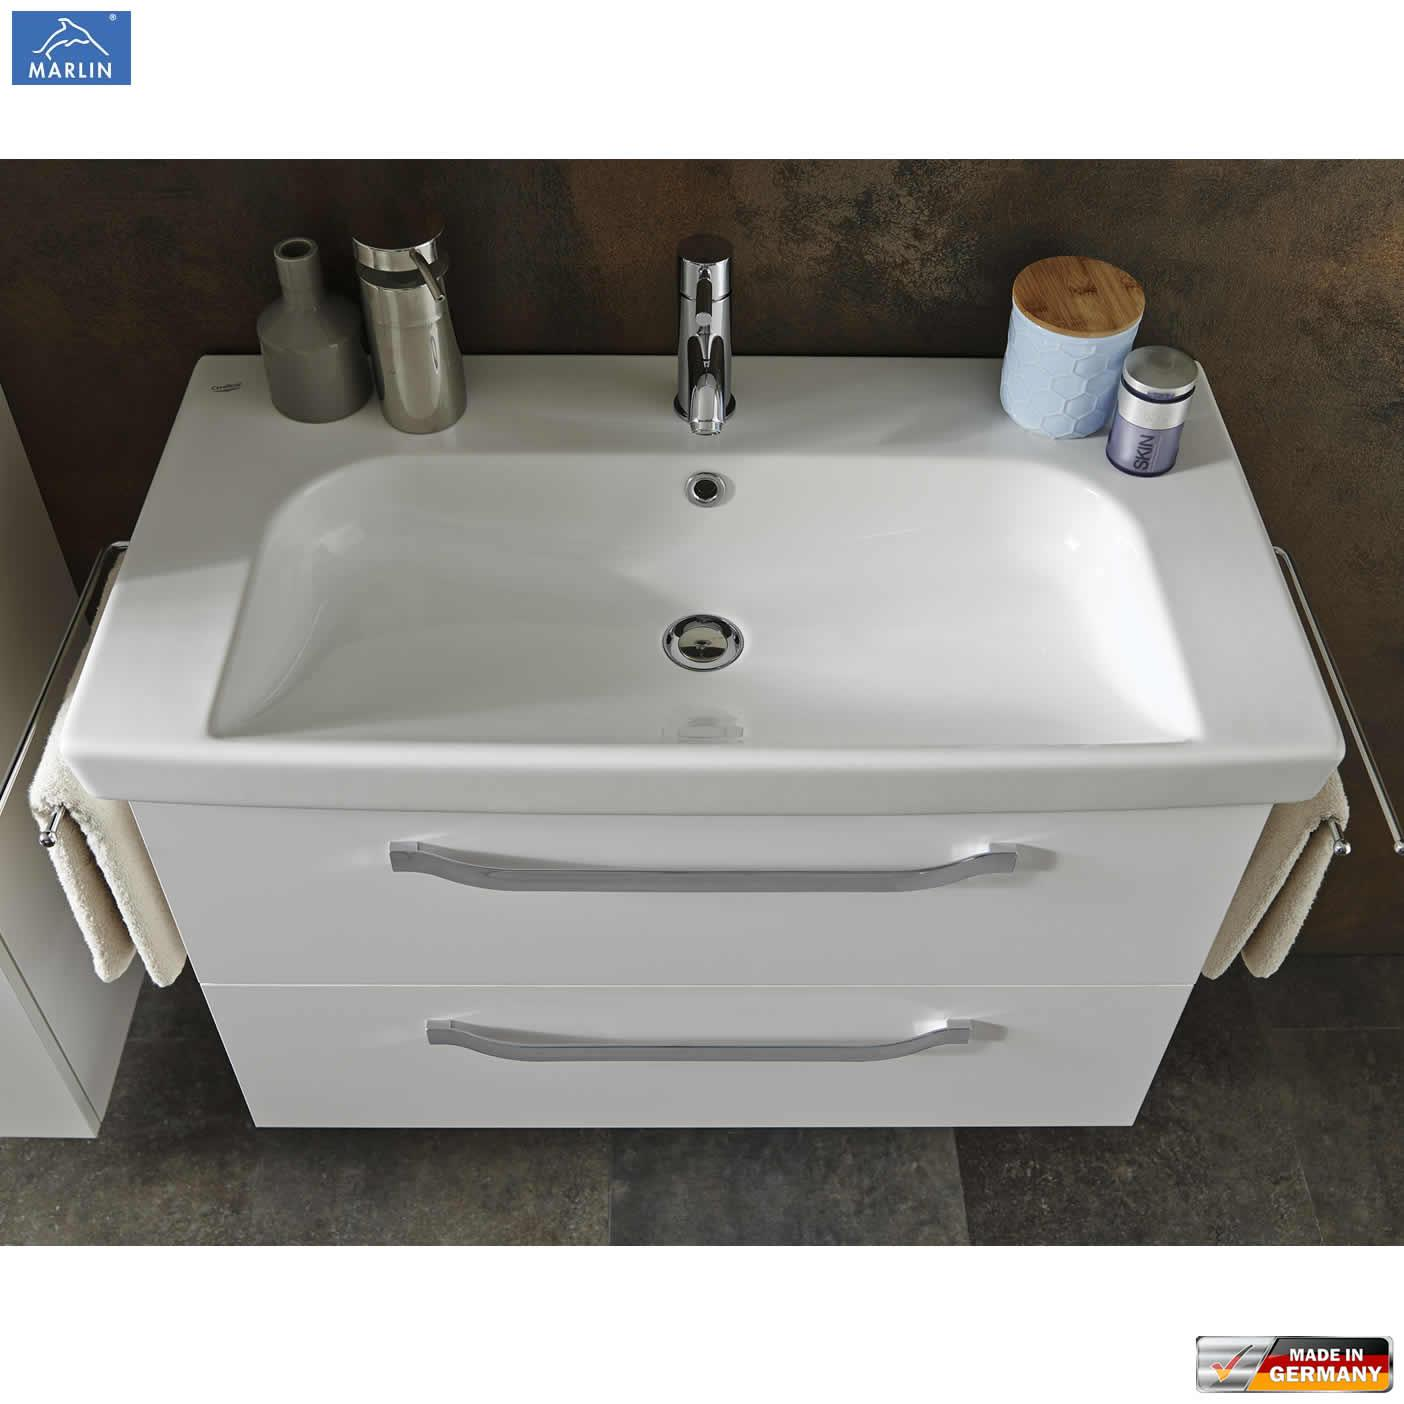 Waschtisch 85 Cm Mit Unterschrank Und Spiegelschrank